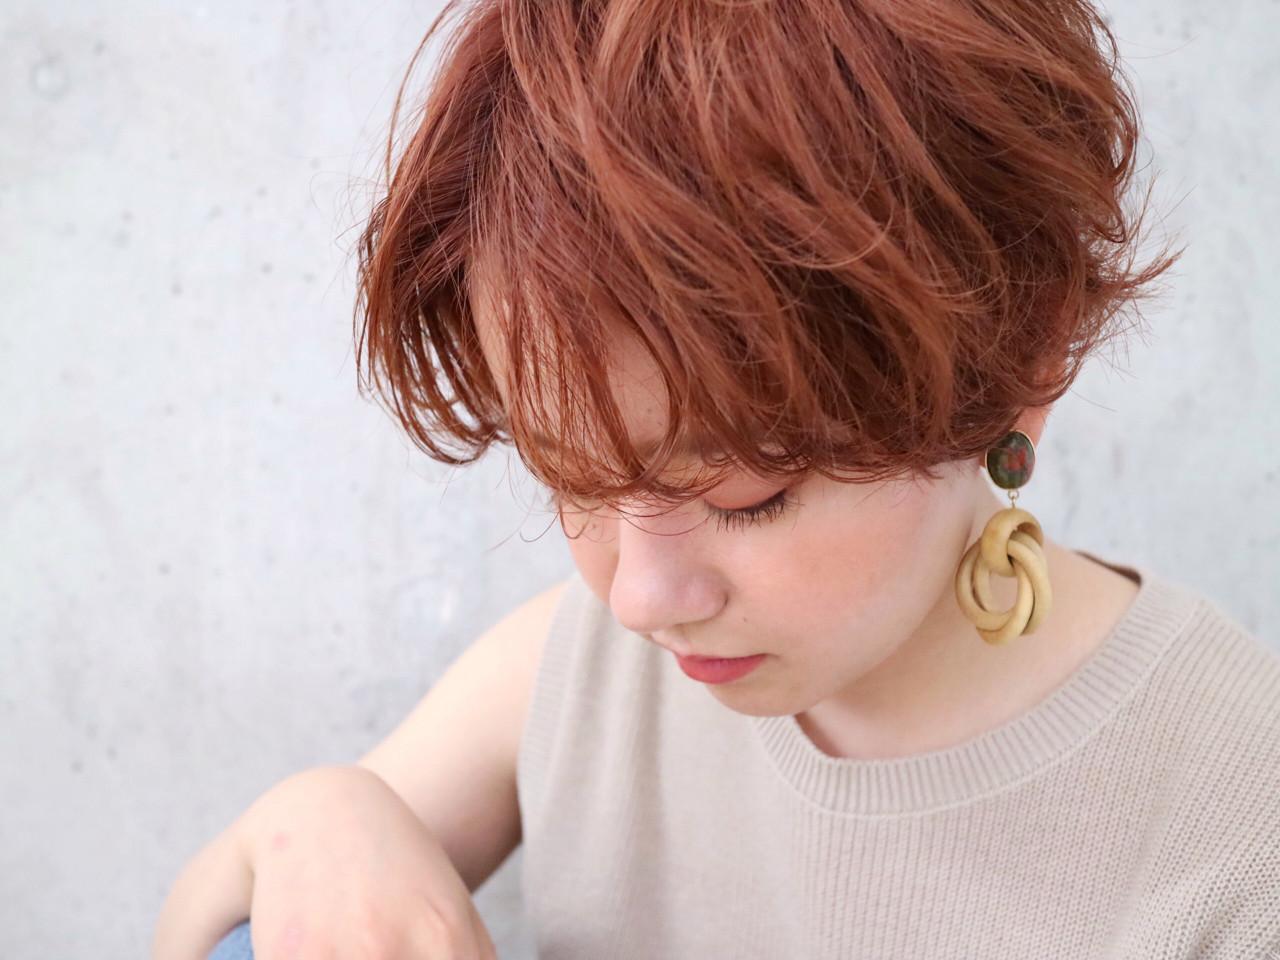 ショート オレンジ ナチュラル ブリーチ ヘアスタイルや髪型の写真・画像